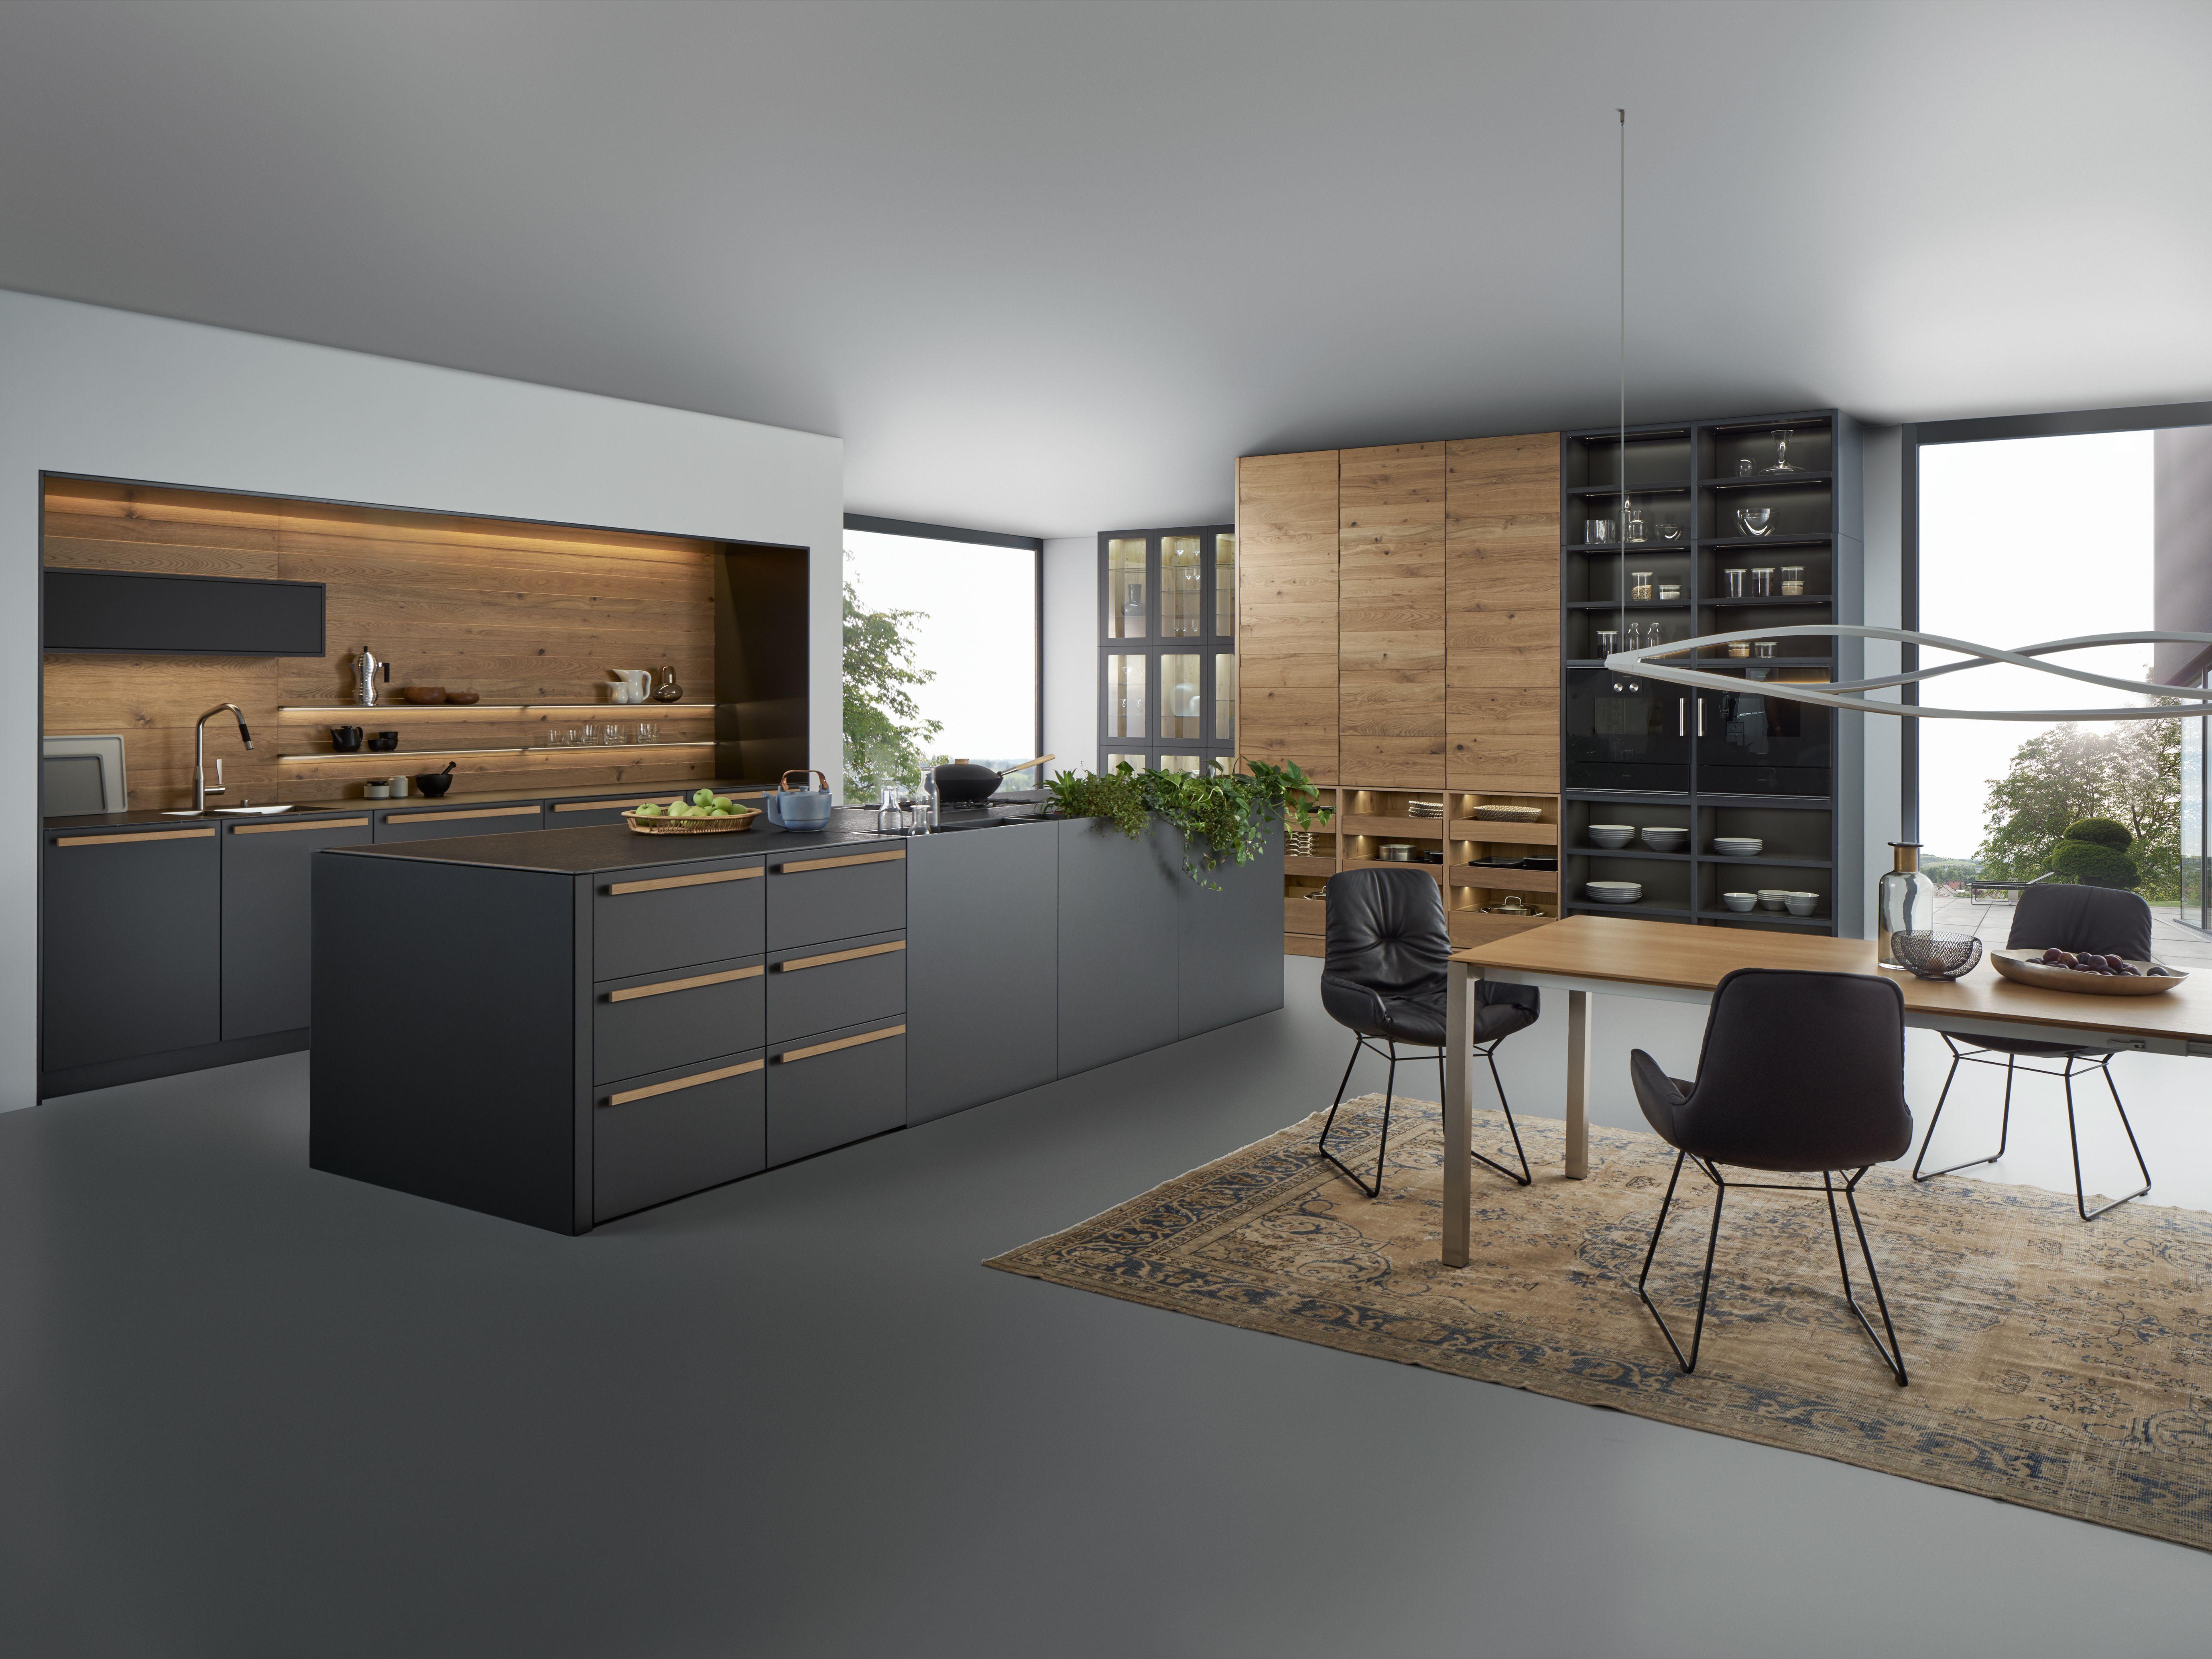 Designer Einbauküchen evo valais designer einbauküchen leicht küchen